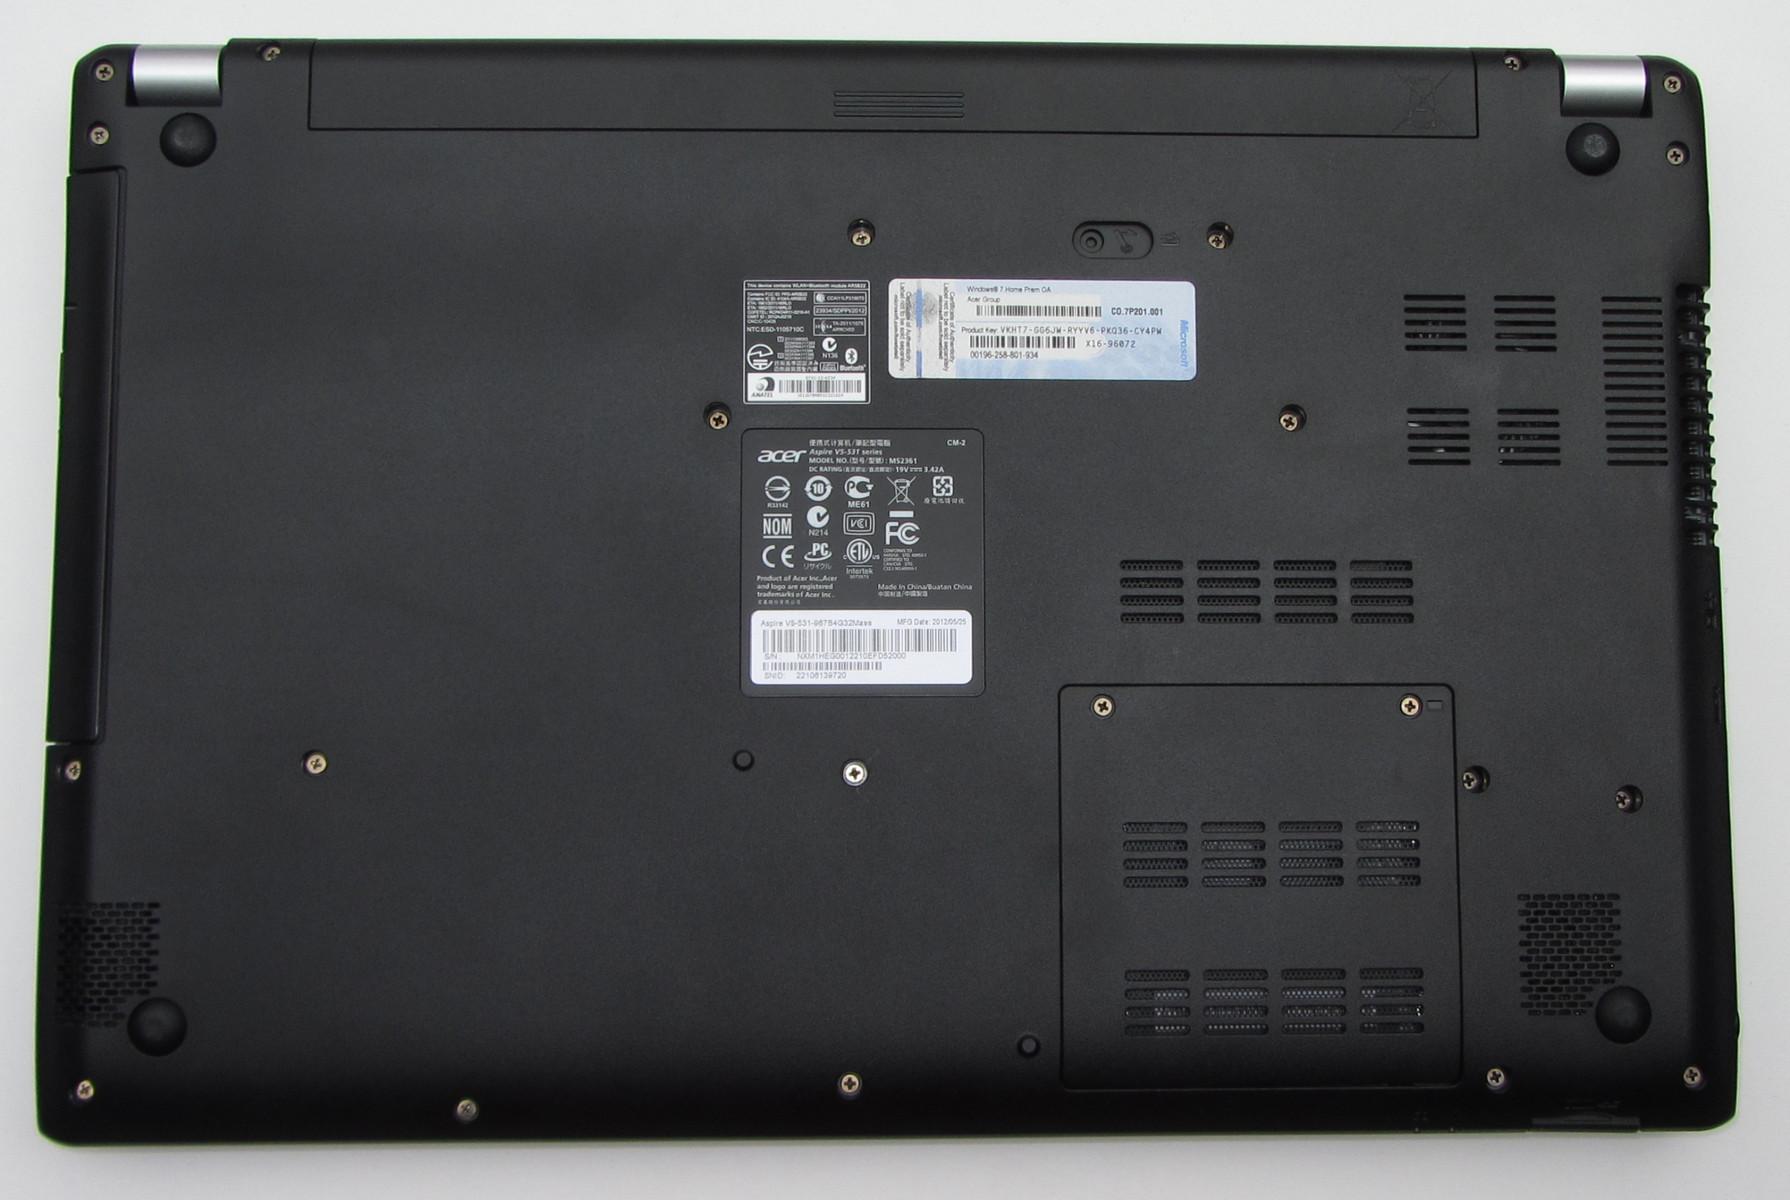 Review Acer Aspire V5 531 Notebook